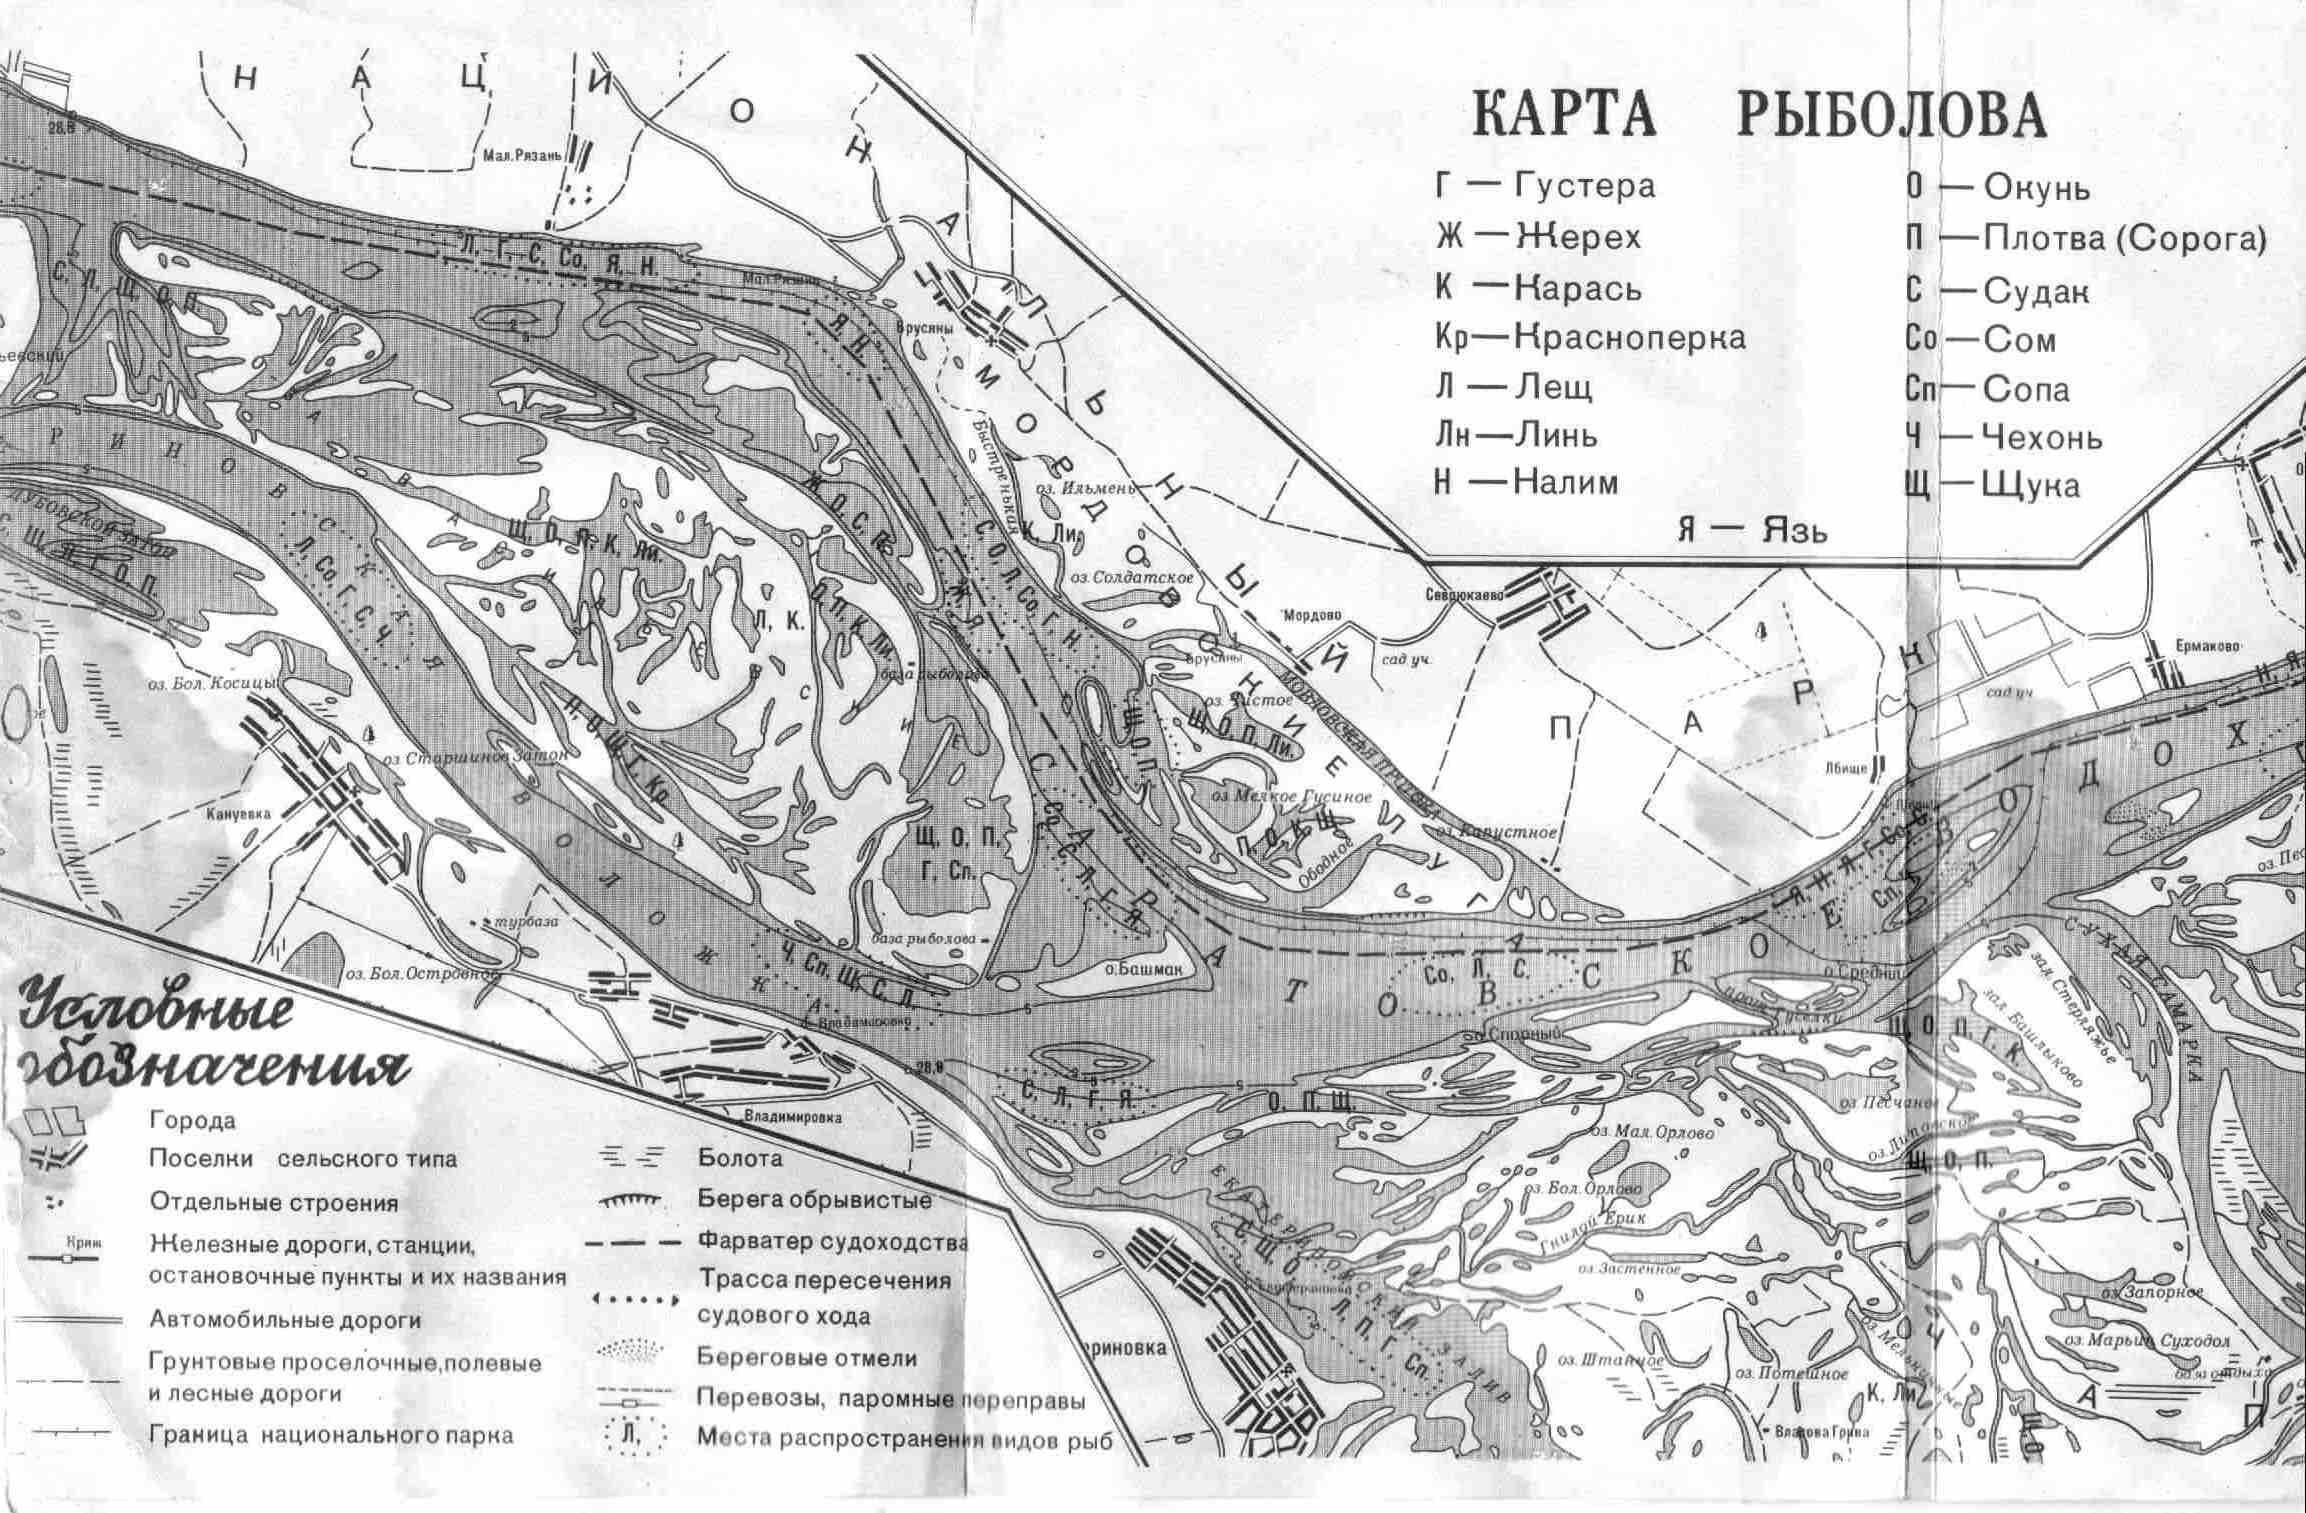 Рыбалка, охота, активный отдых на озерах Саратовской области